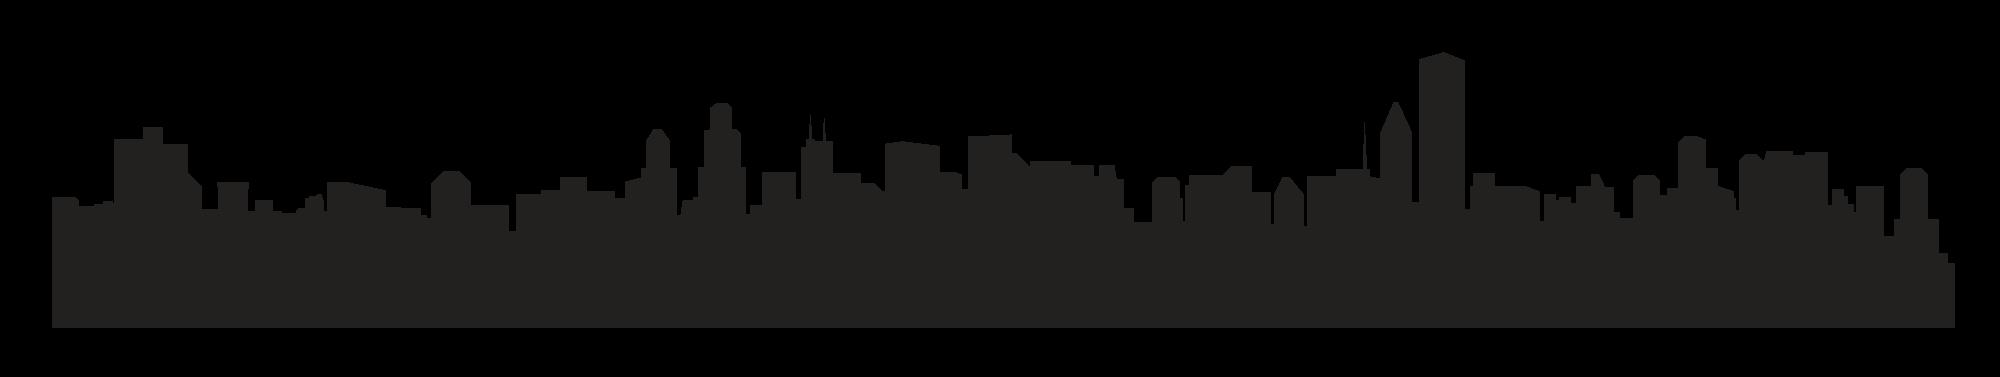 Chicago Skyline Cartoon - ClipArt Best